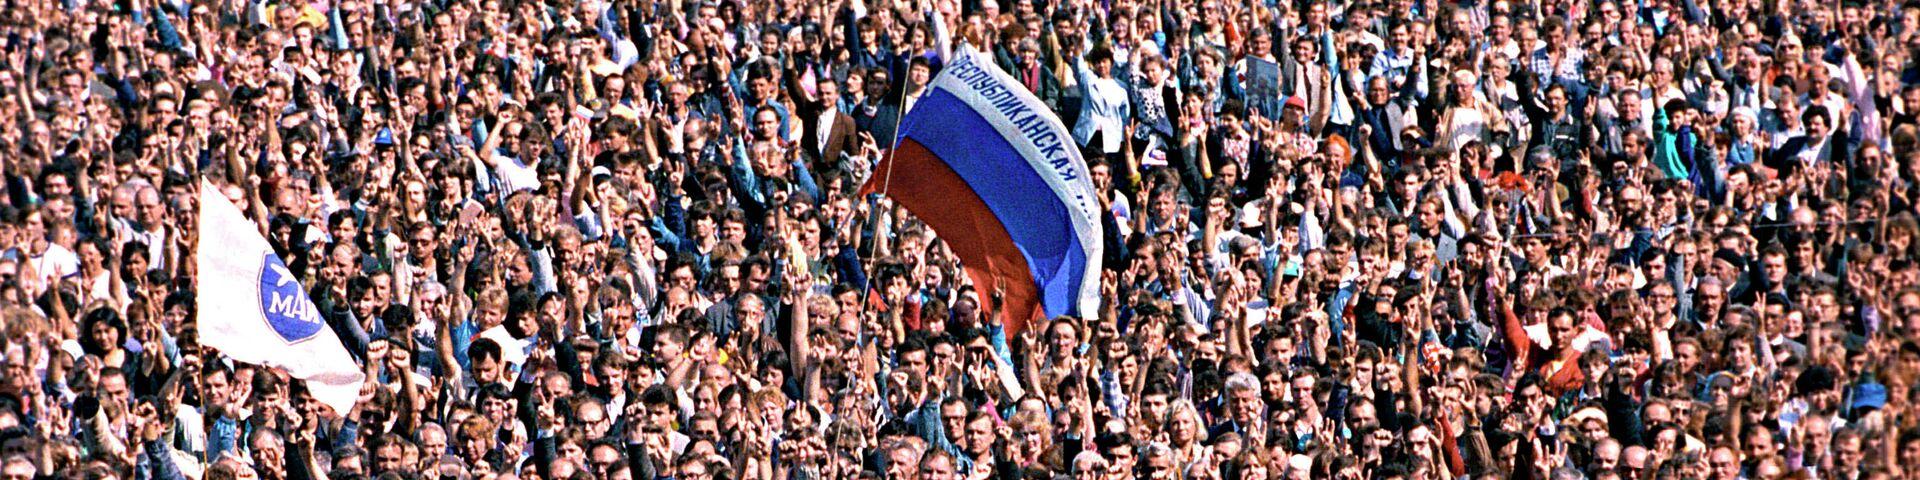 Митинг перед зданием Верховного Совета РСФСР в Москве в ознаменование победы демократических сил над реакцией, когда попытка переворота ГКЧП потерпела крах - РИА Новости, 1920